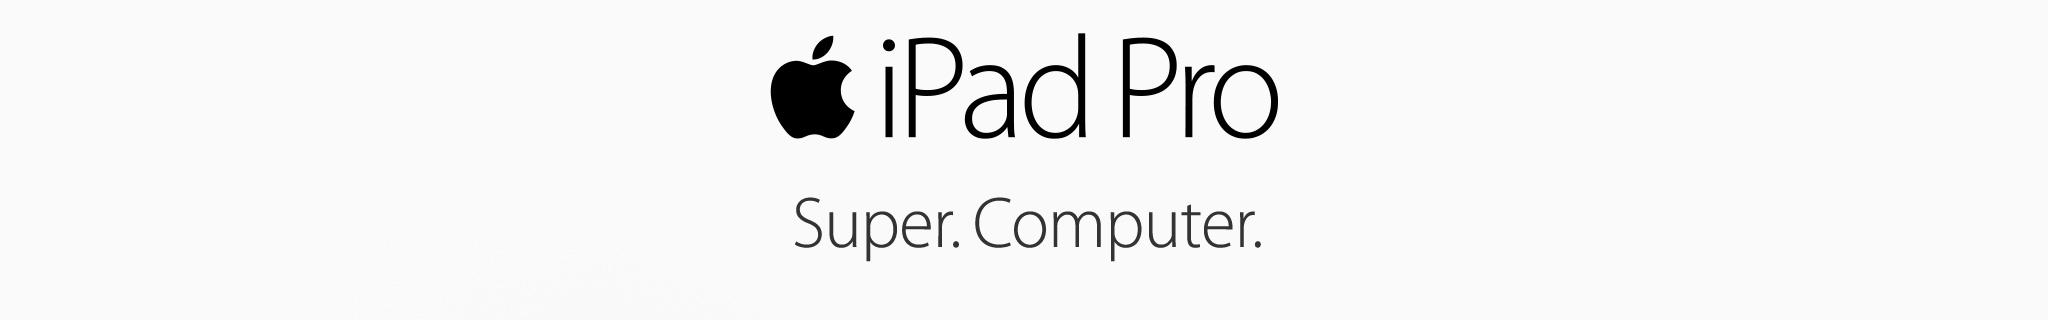 iPad Pro. Super. Computer.